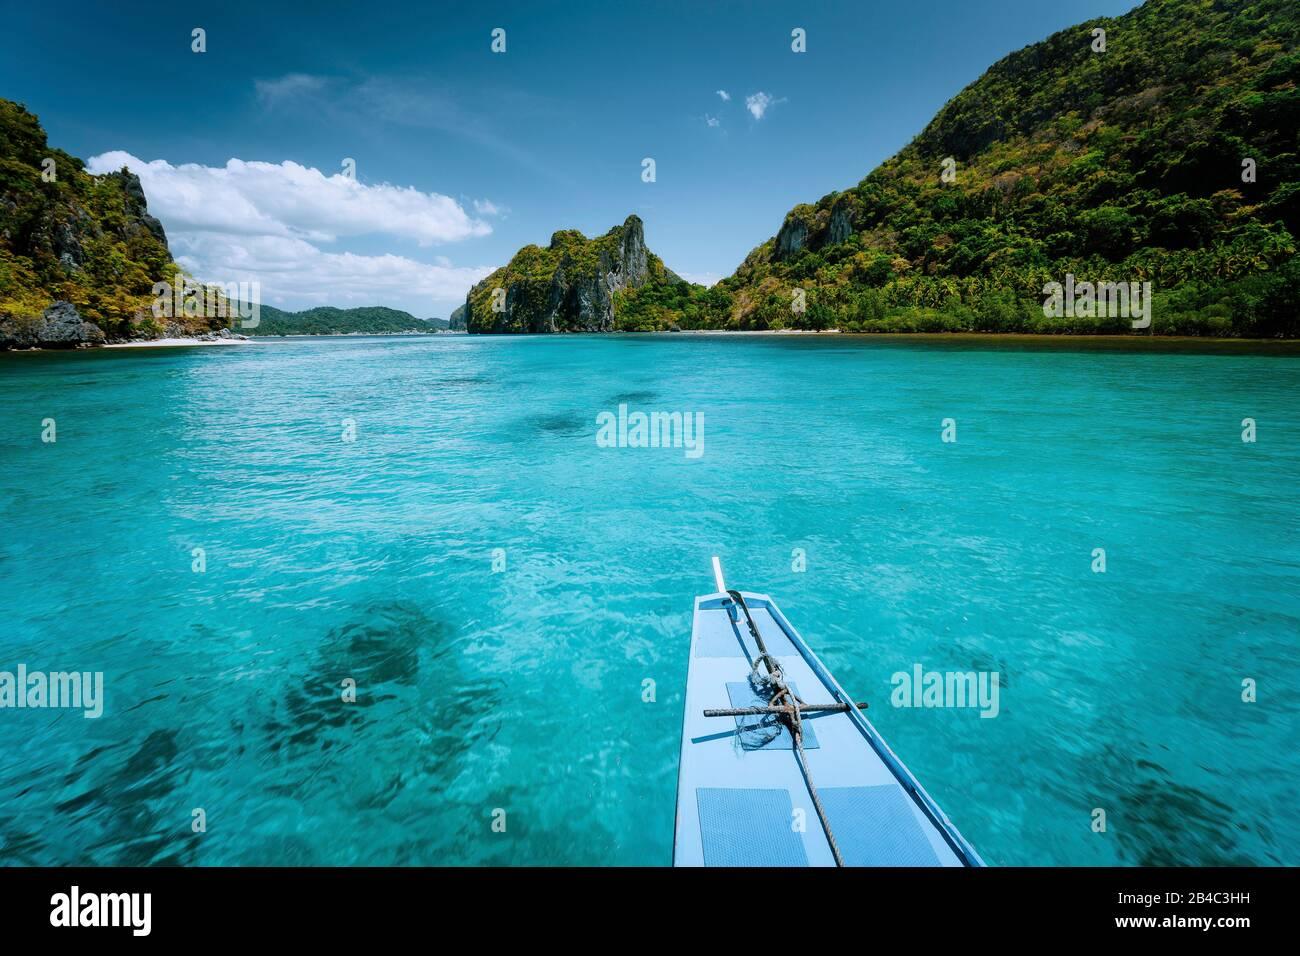 Viaje en barco a las islas tropicales el Nido, Palawan, Filipinas. Empinadas montañas verdes y laguna de aguas azules. Descubra explorar la naturaleza única, viaje al paraíso. Foto de stock